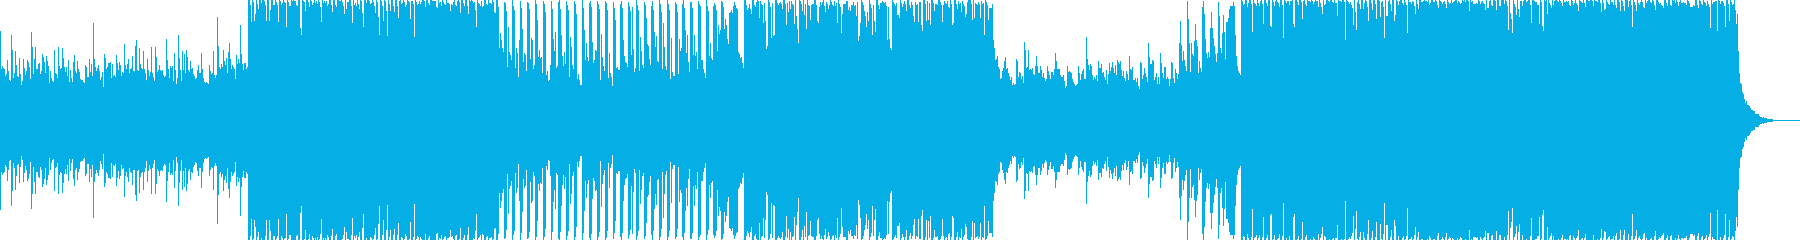 夏・トロピカルハウス・海・浜辺・青空・Sの再生済みの波形